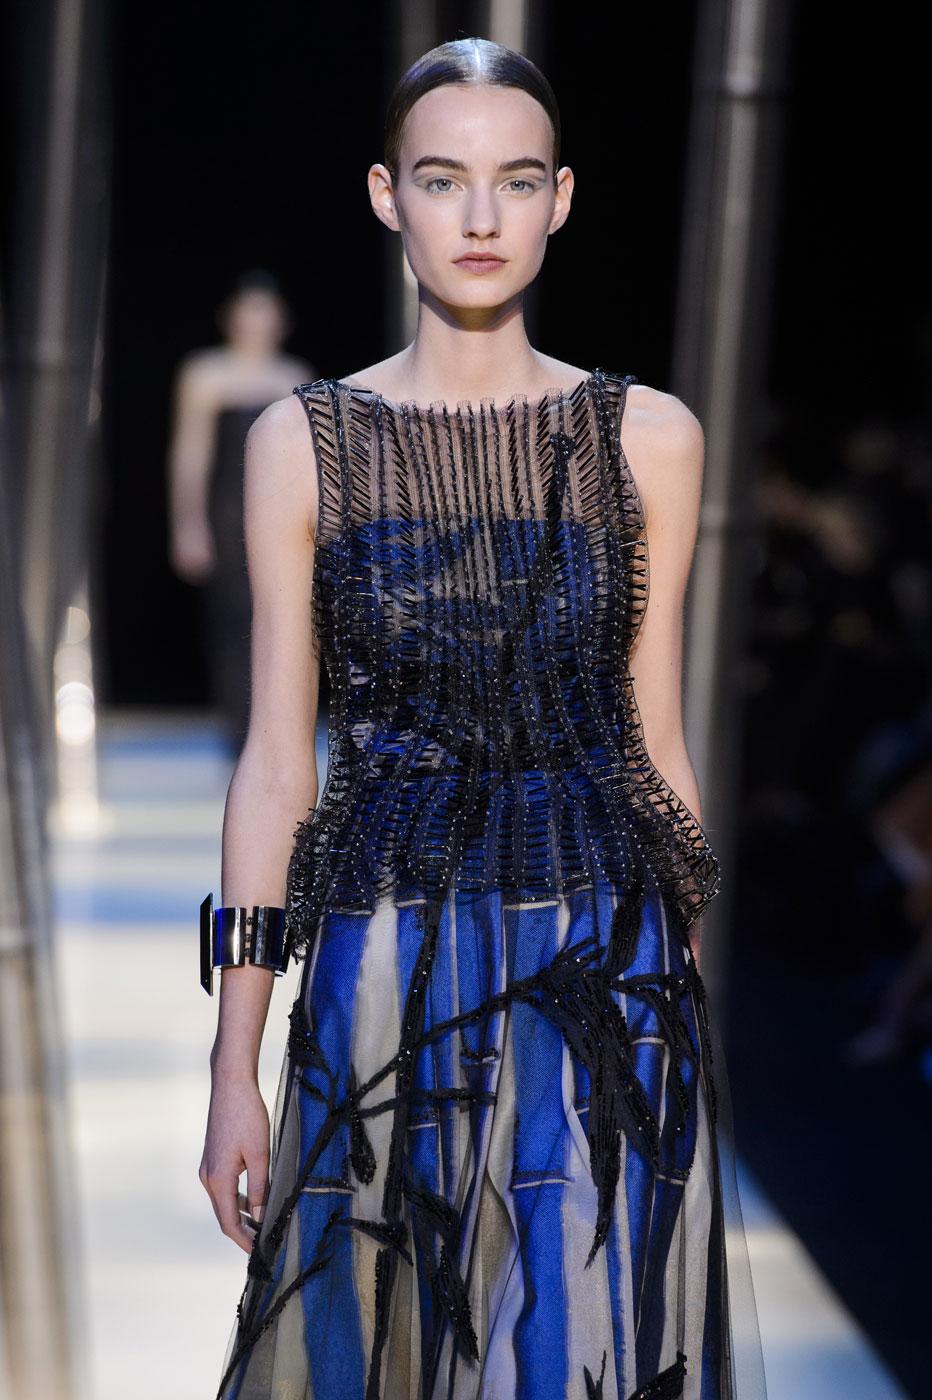 Giorgio-armani-Prive-fashion-runway-show-haute-couture-paris-spring-2015-the-impression-122